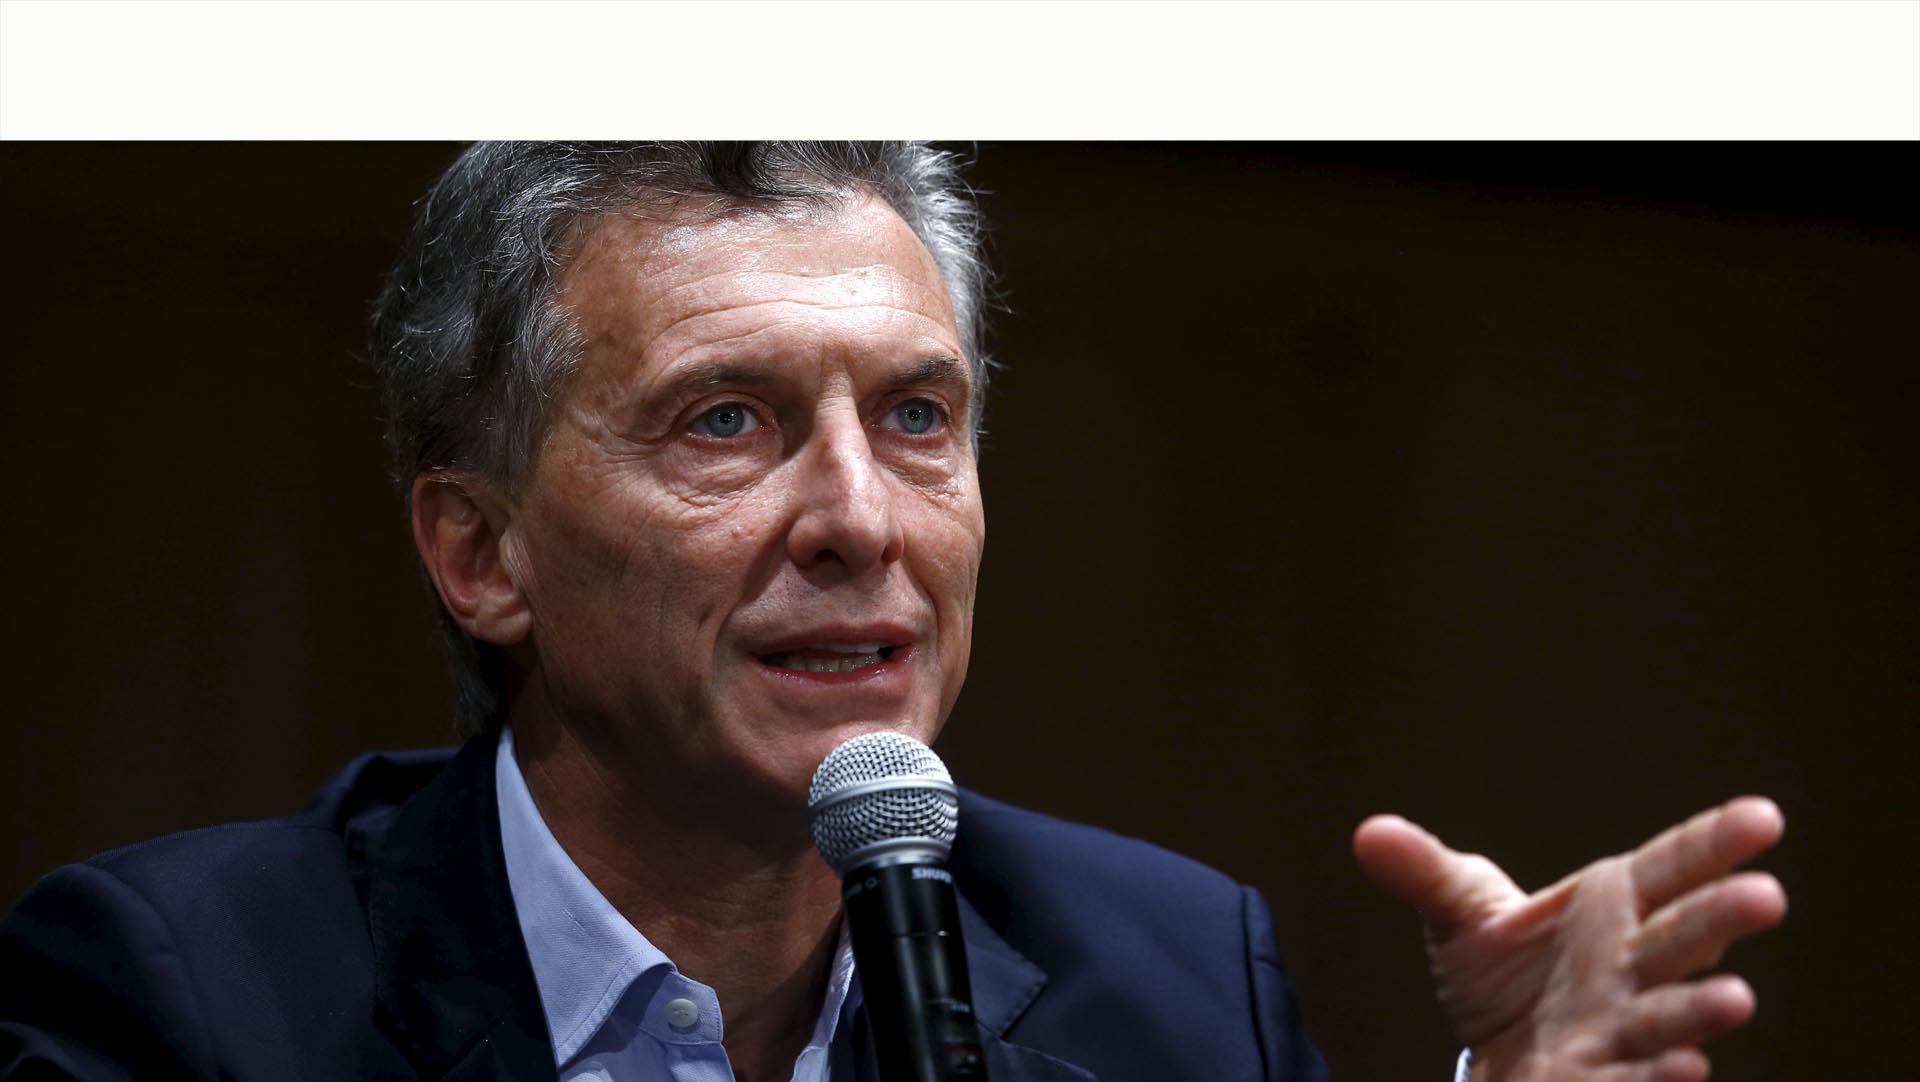 El Presidente electo afirmó que los primeros días de su gobierno revisará el estado de las cuentas públicas